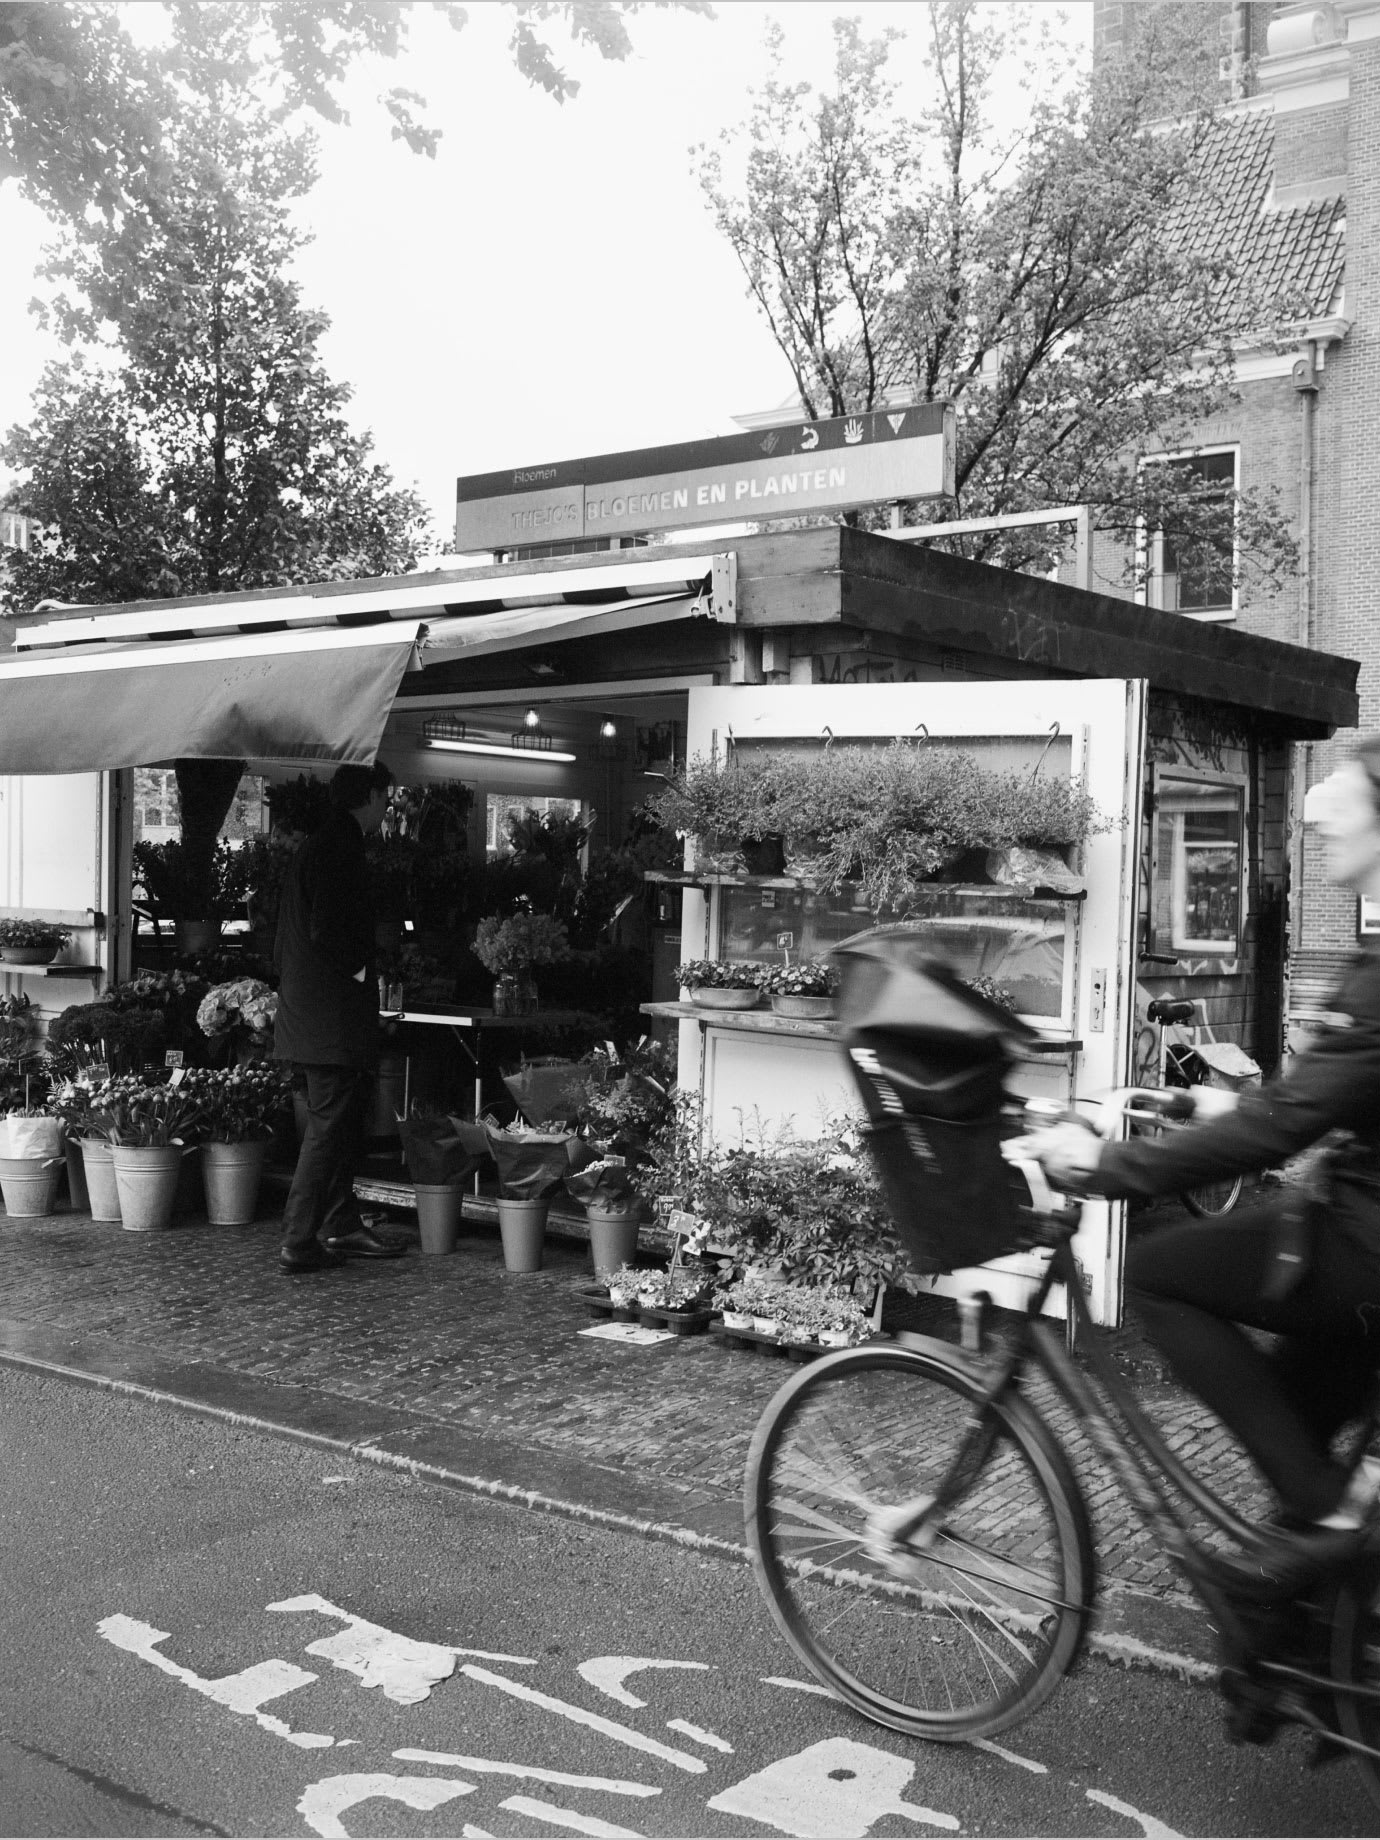 A flower stall.